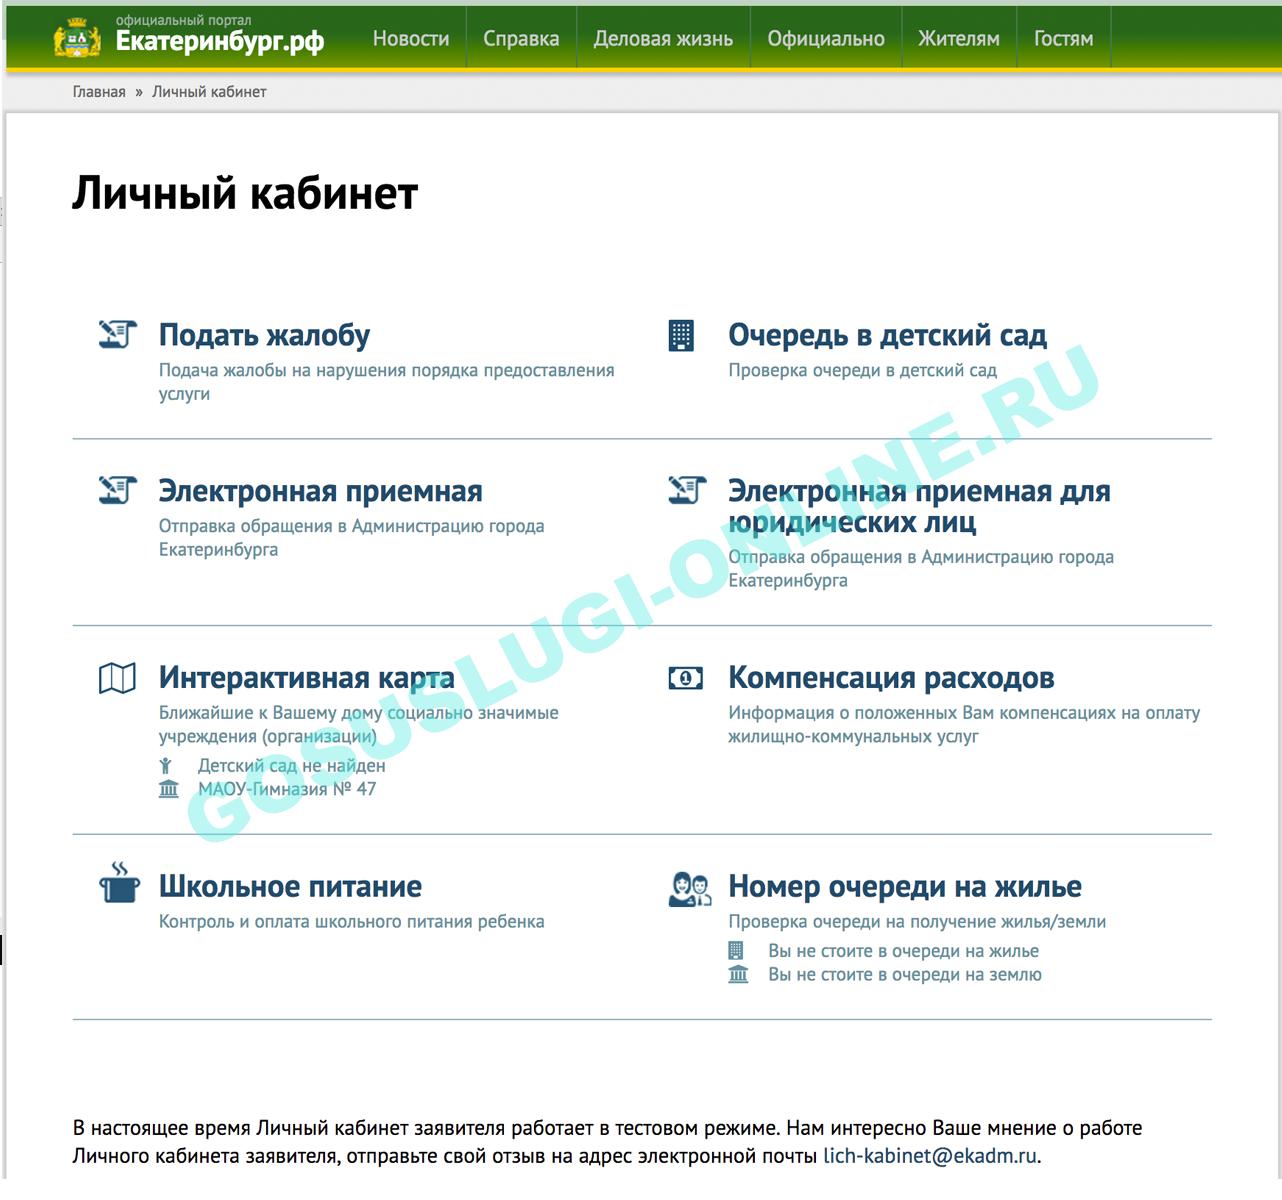 Личный кабинет заявителя Официальный портал Екатеринбурга